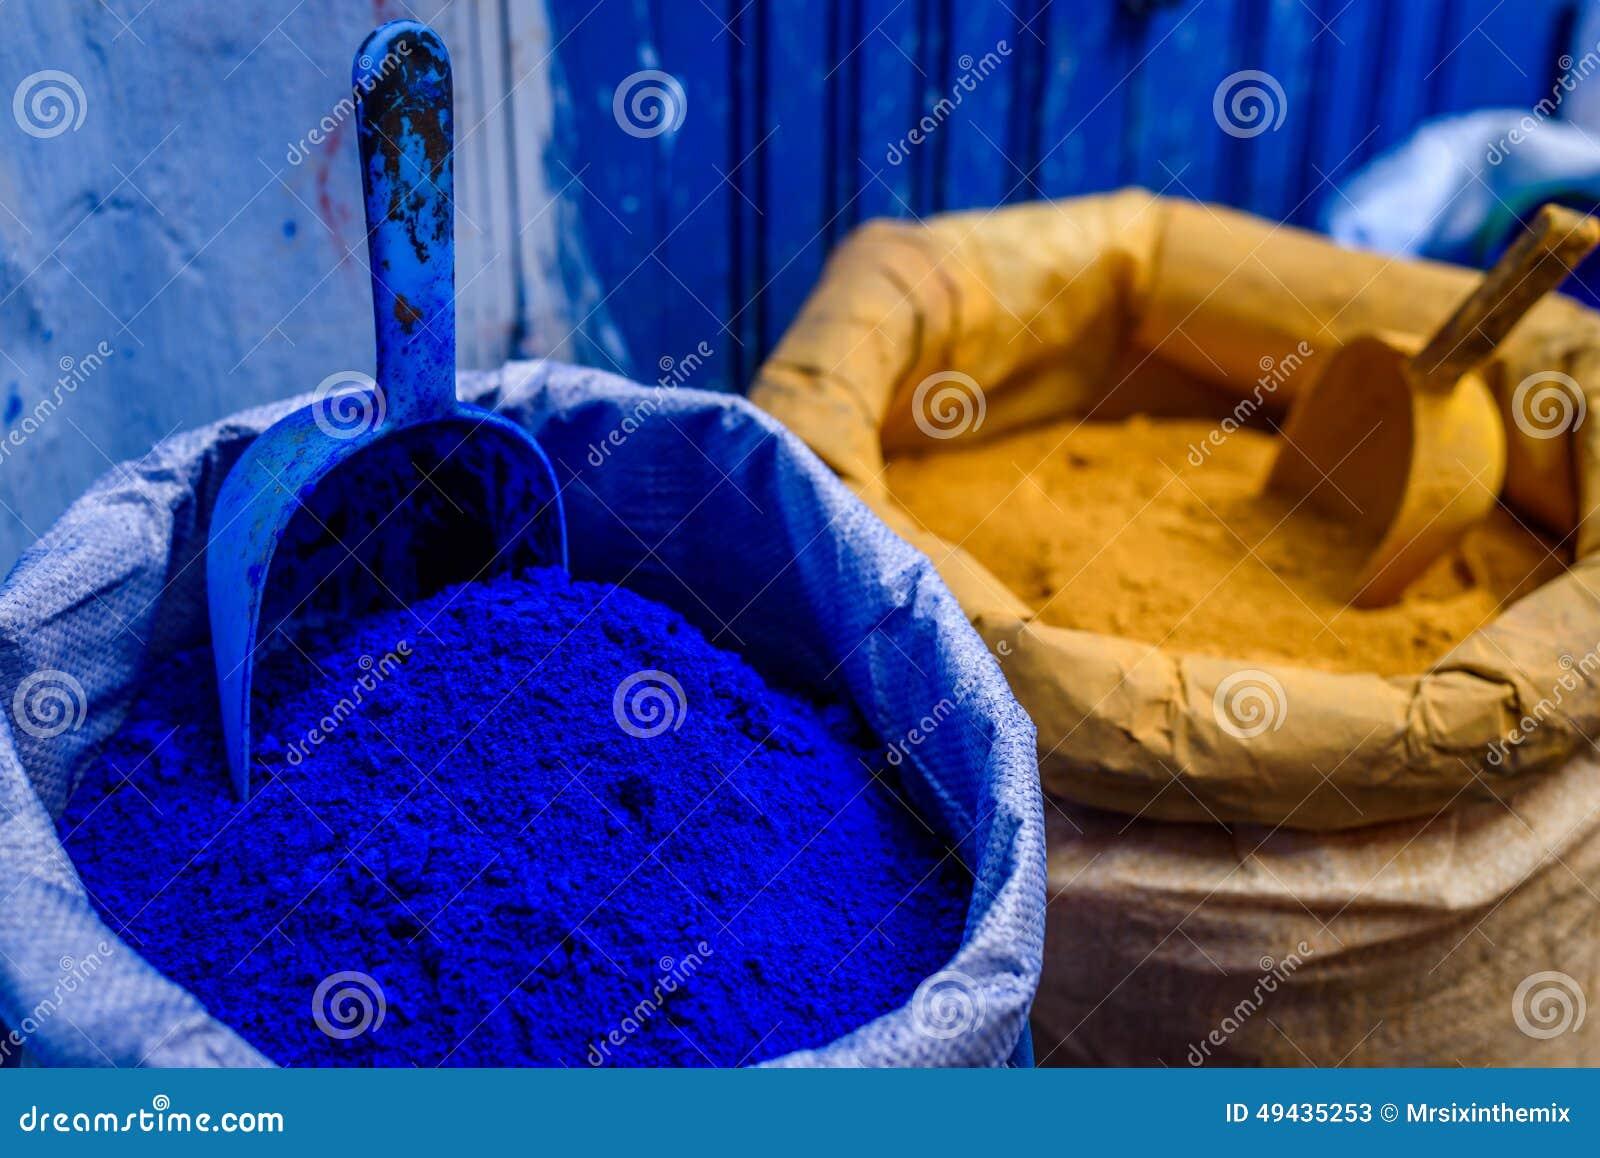 Colore Blu In Polvere Chefchaouen Marocco Immagine Stock